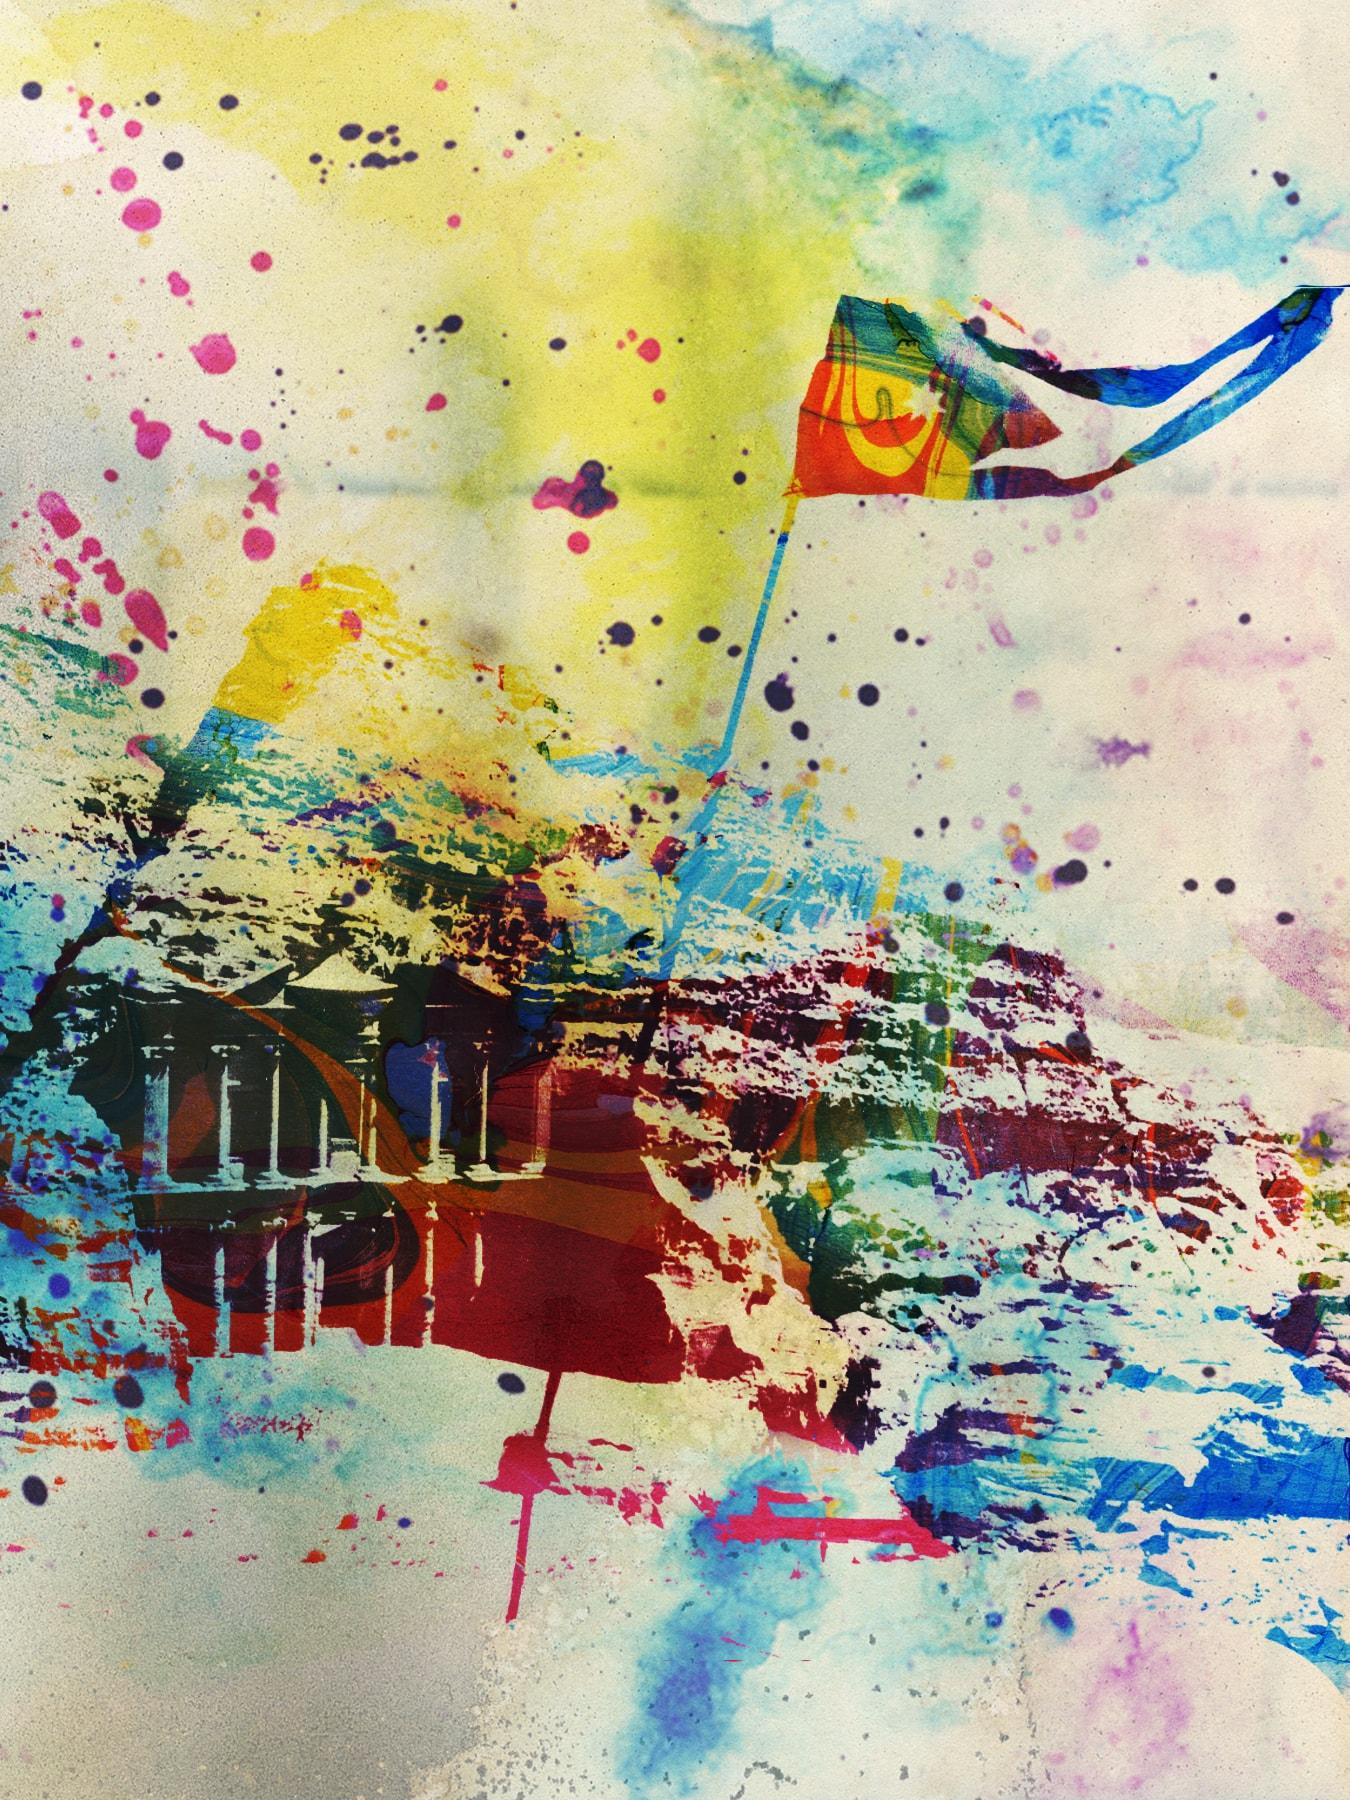 Monastry1_collage_EmilieSheehan.jpg